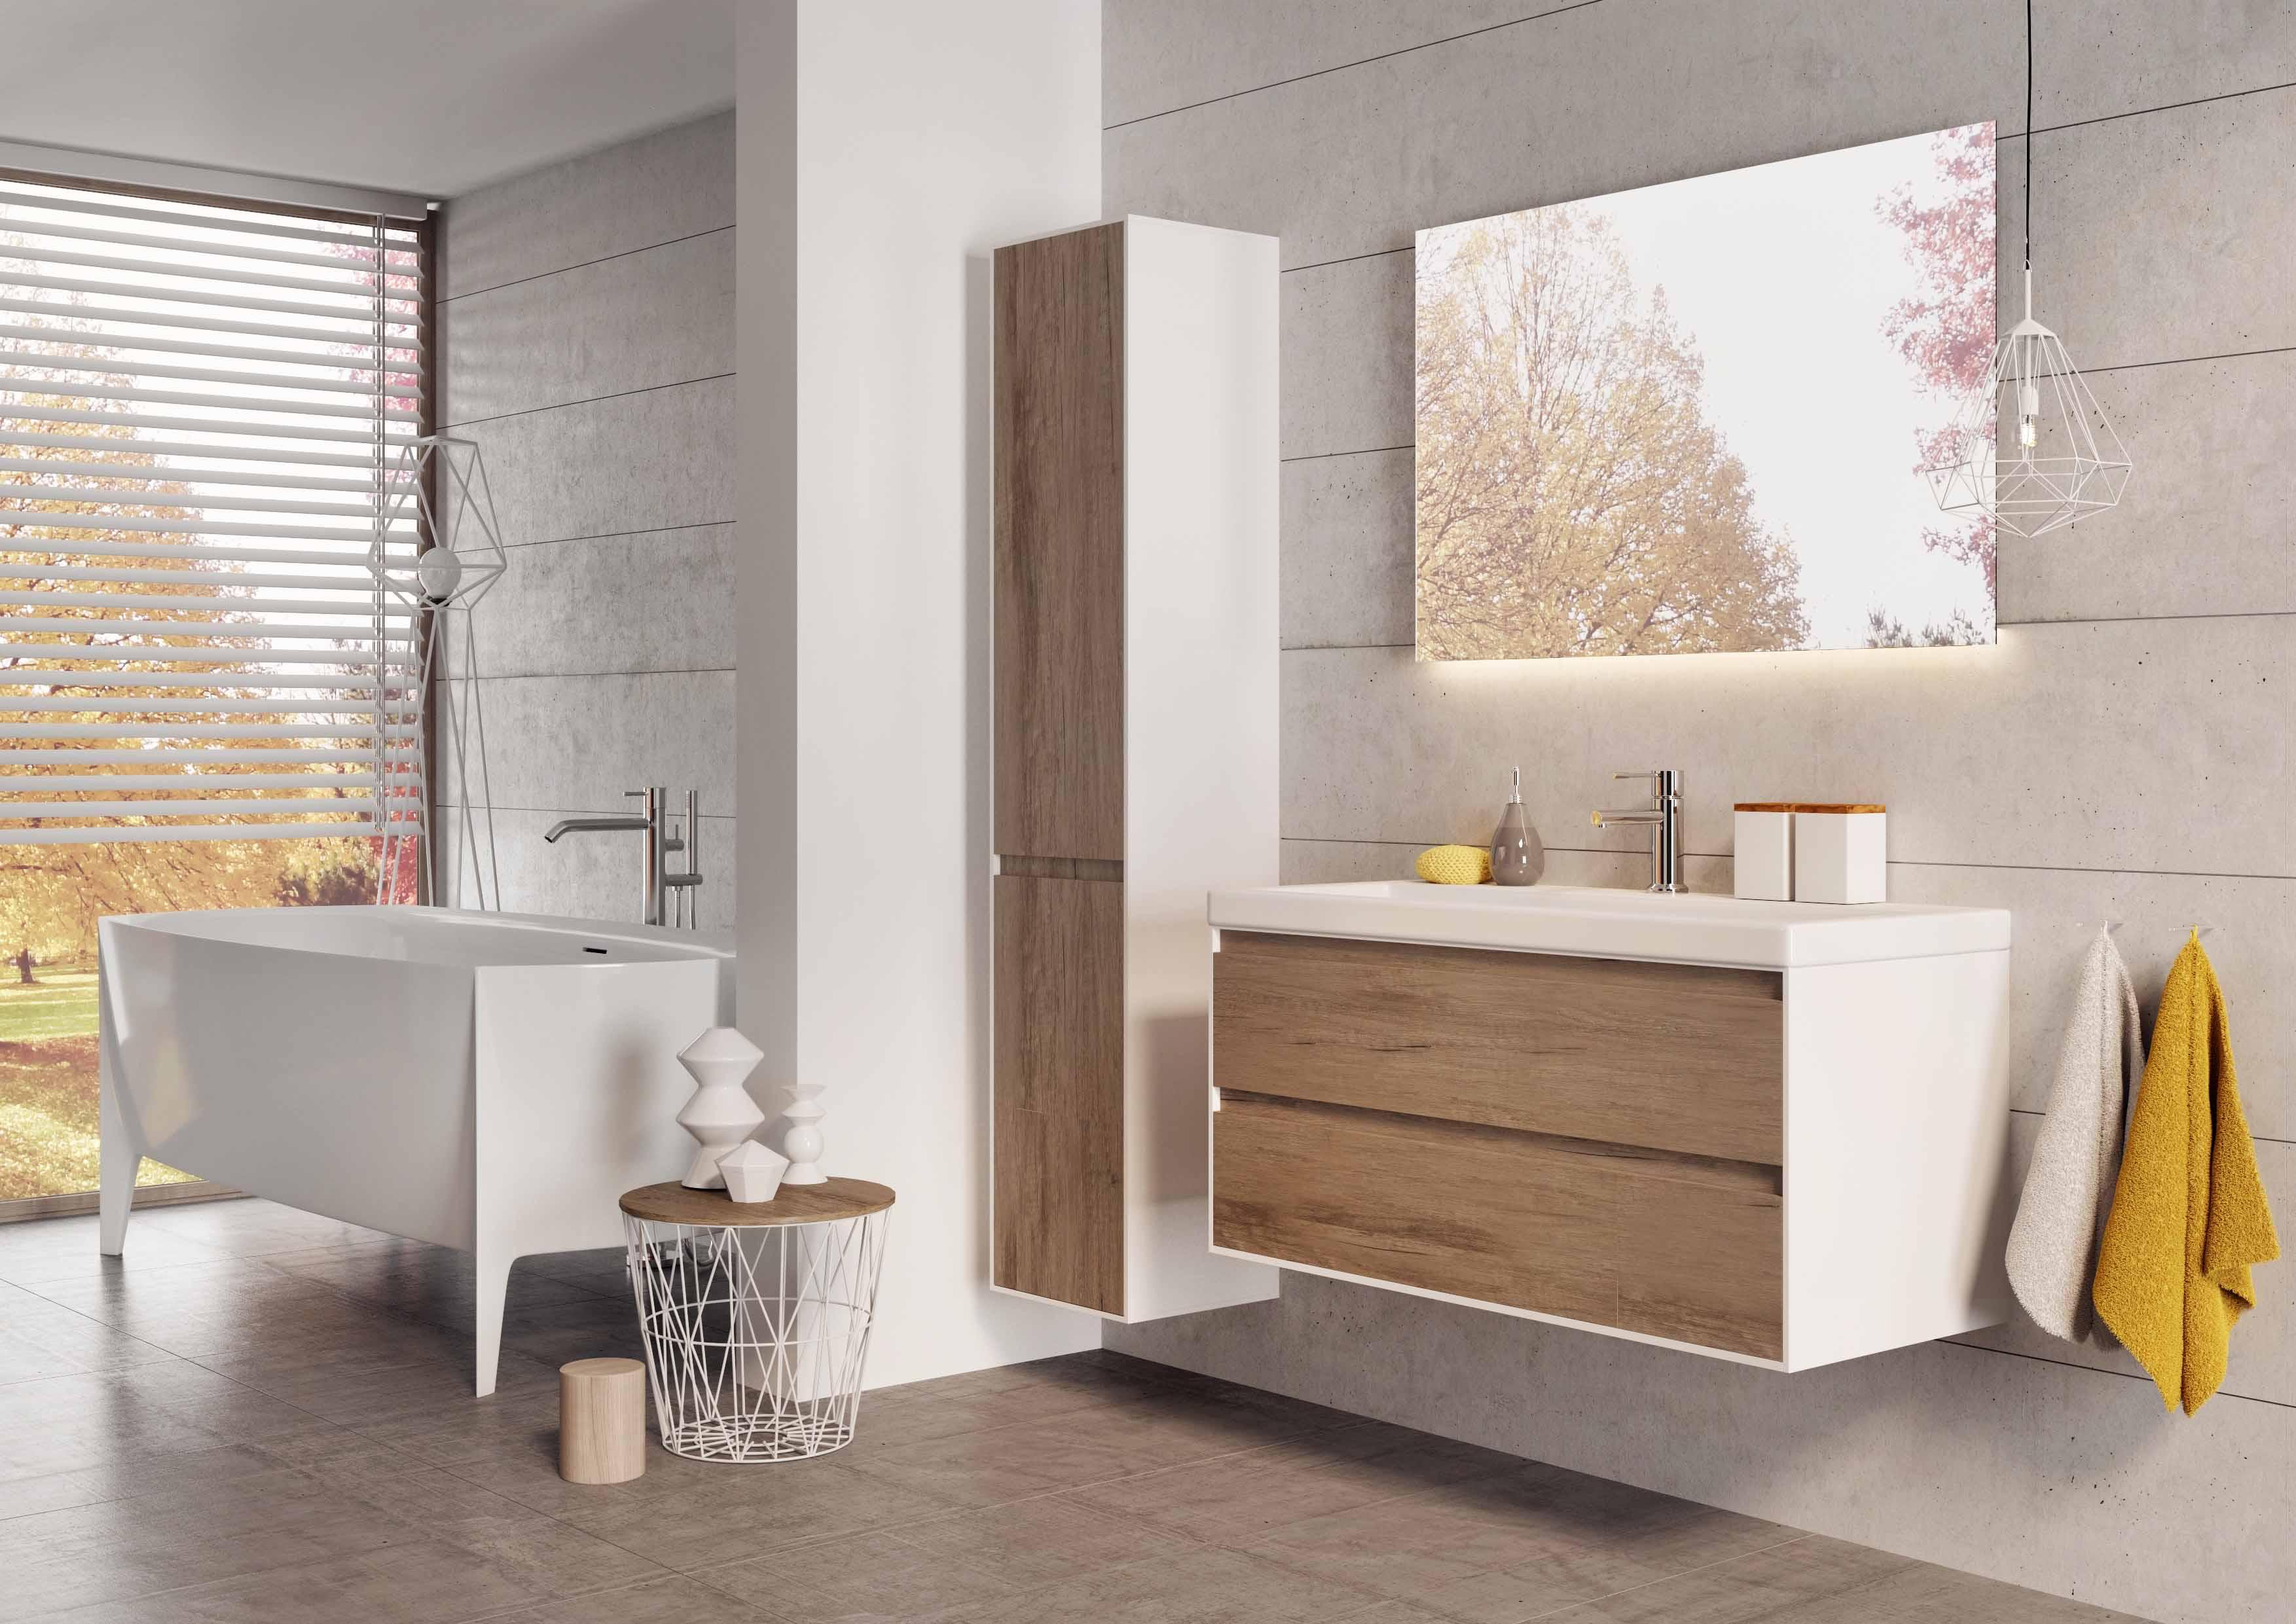 Schuifdeur Douche Glas ~  Nieuws Startpagina voor badkamer idee?n  UW badkamer nl